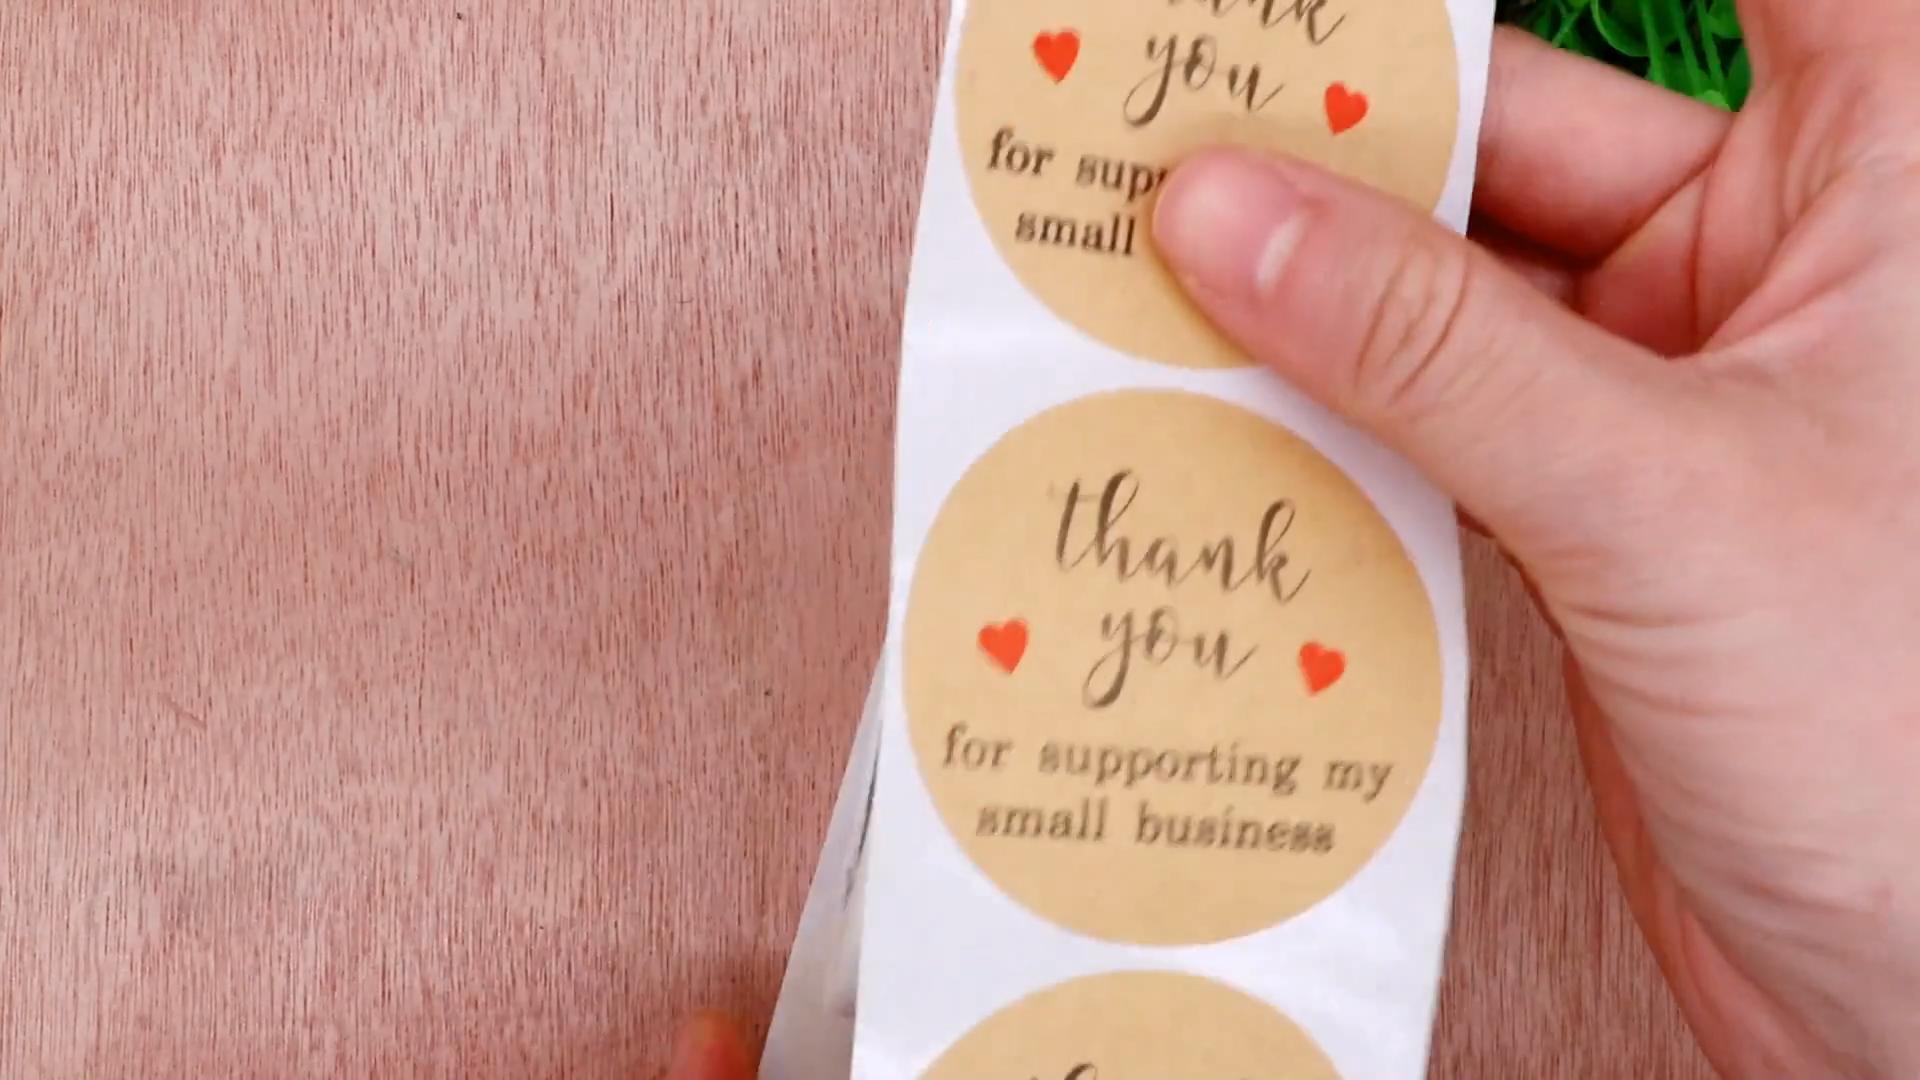 """Hybsk 2 """"de papel de Kraft marrón diseño lindo Gracias por apoyar a mi pequeño negocio pegatinas 300 etiquetas por rollo"""